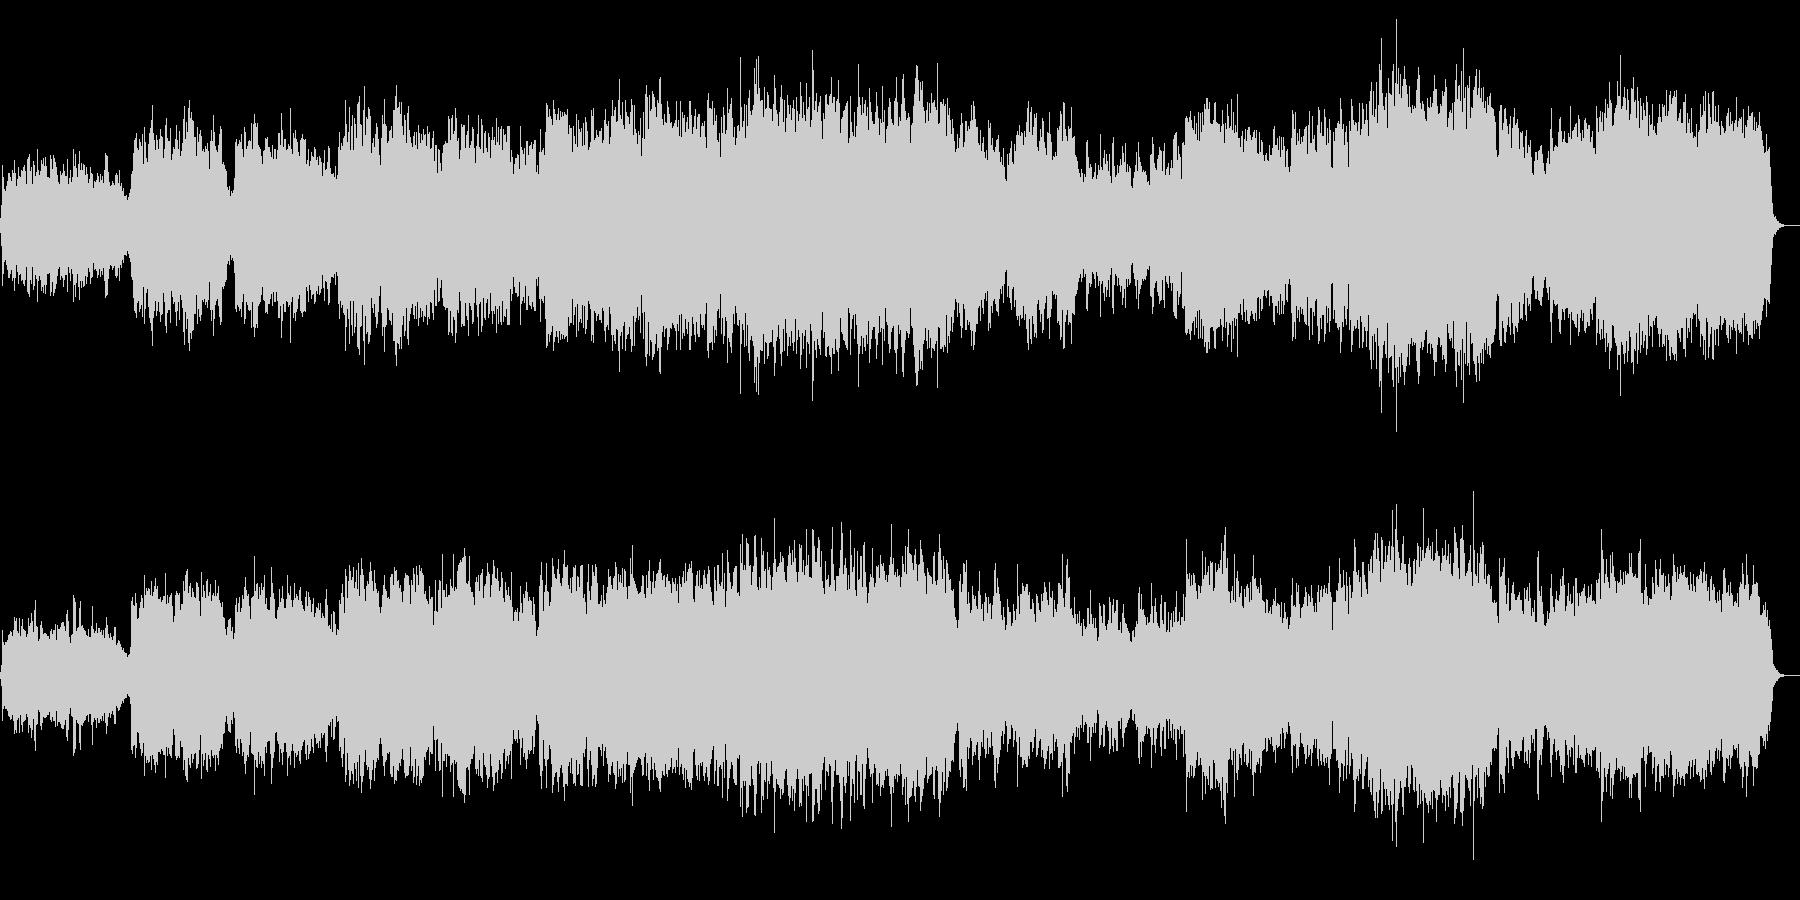 黄昏時の感動的なトランペットのBGMの未再生の波形